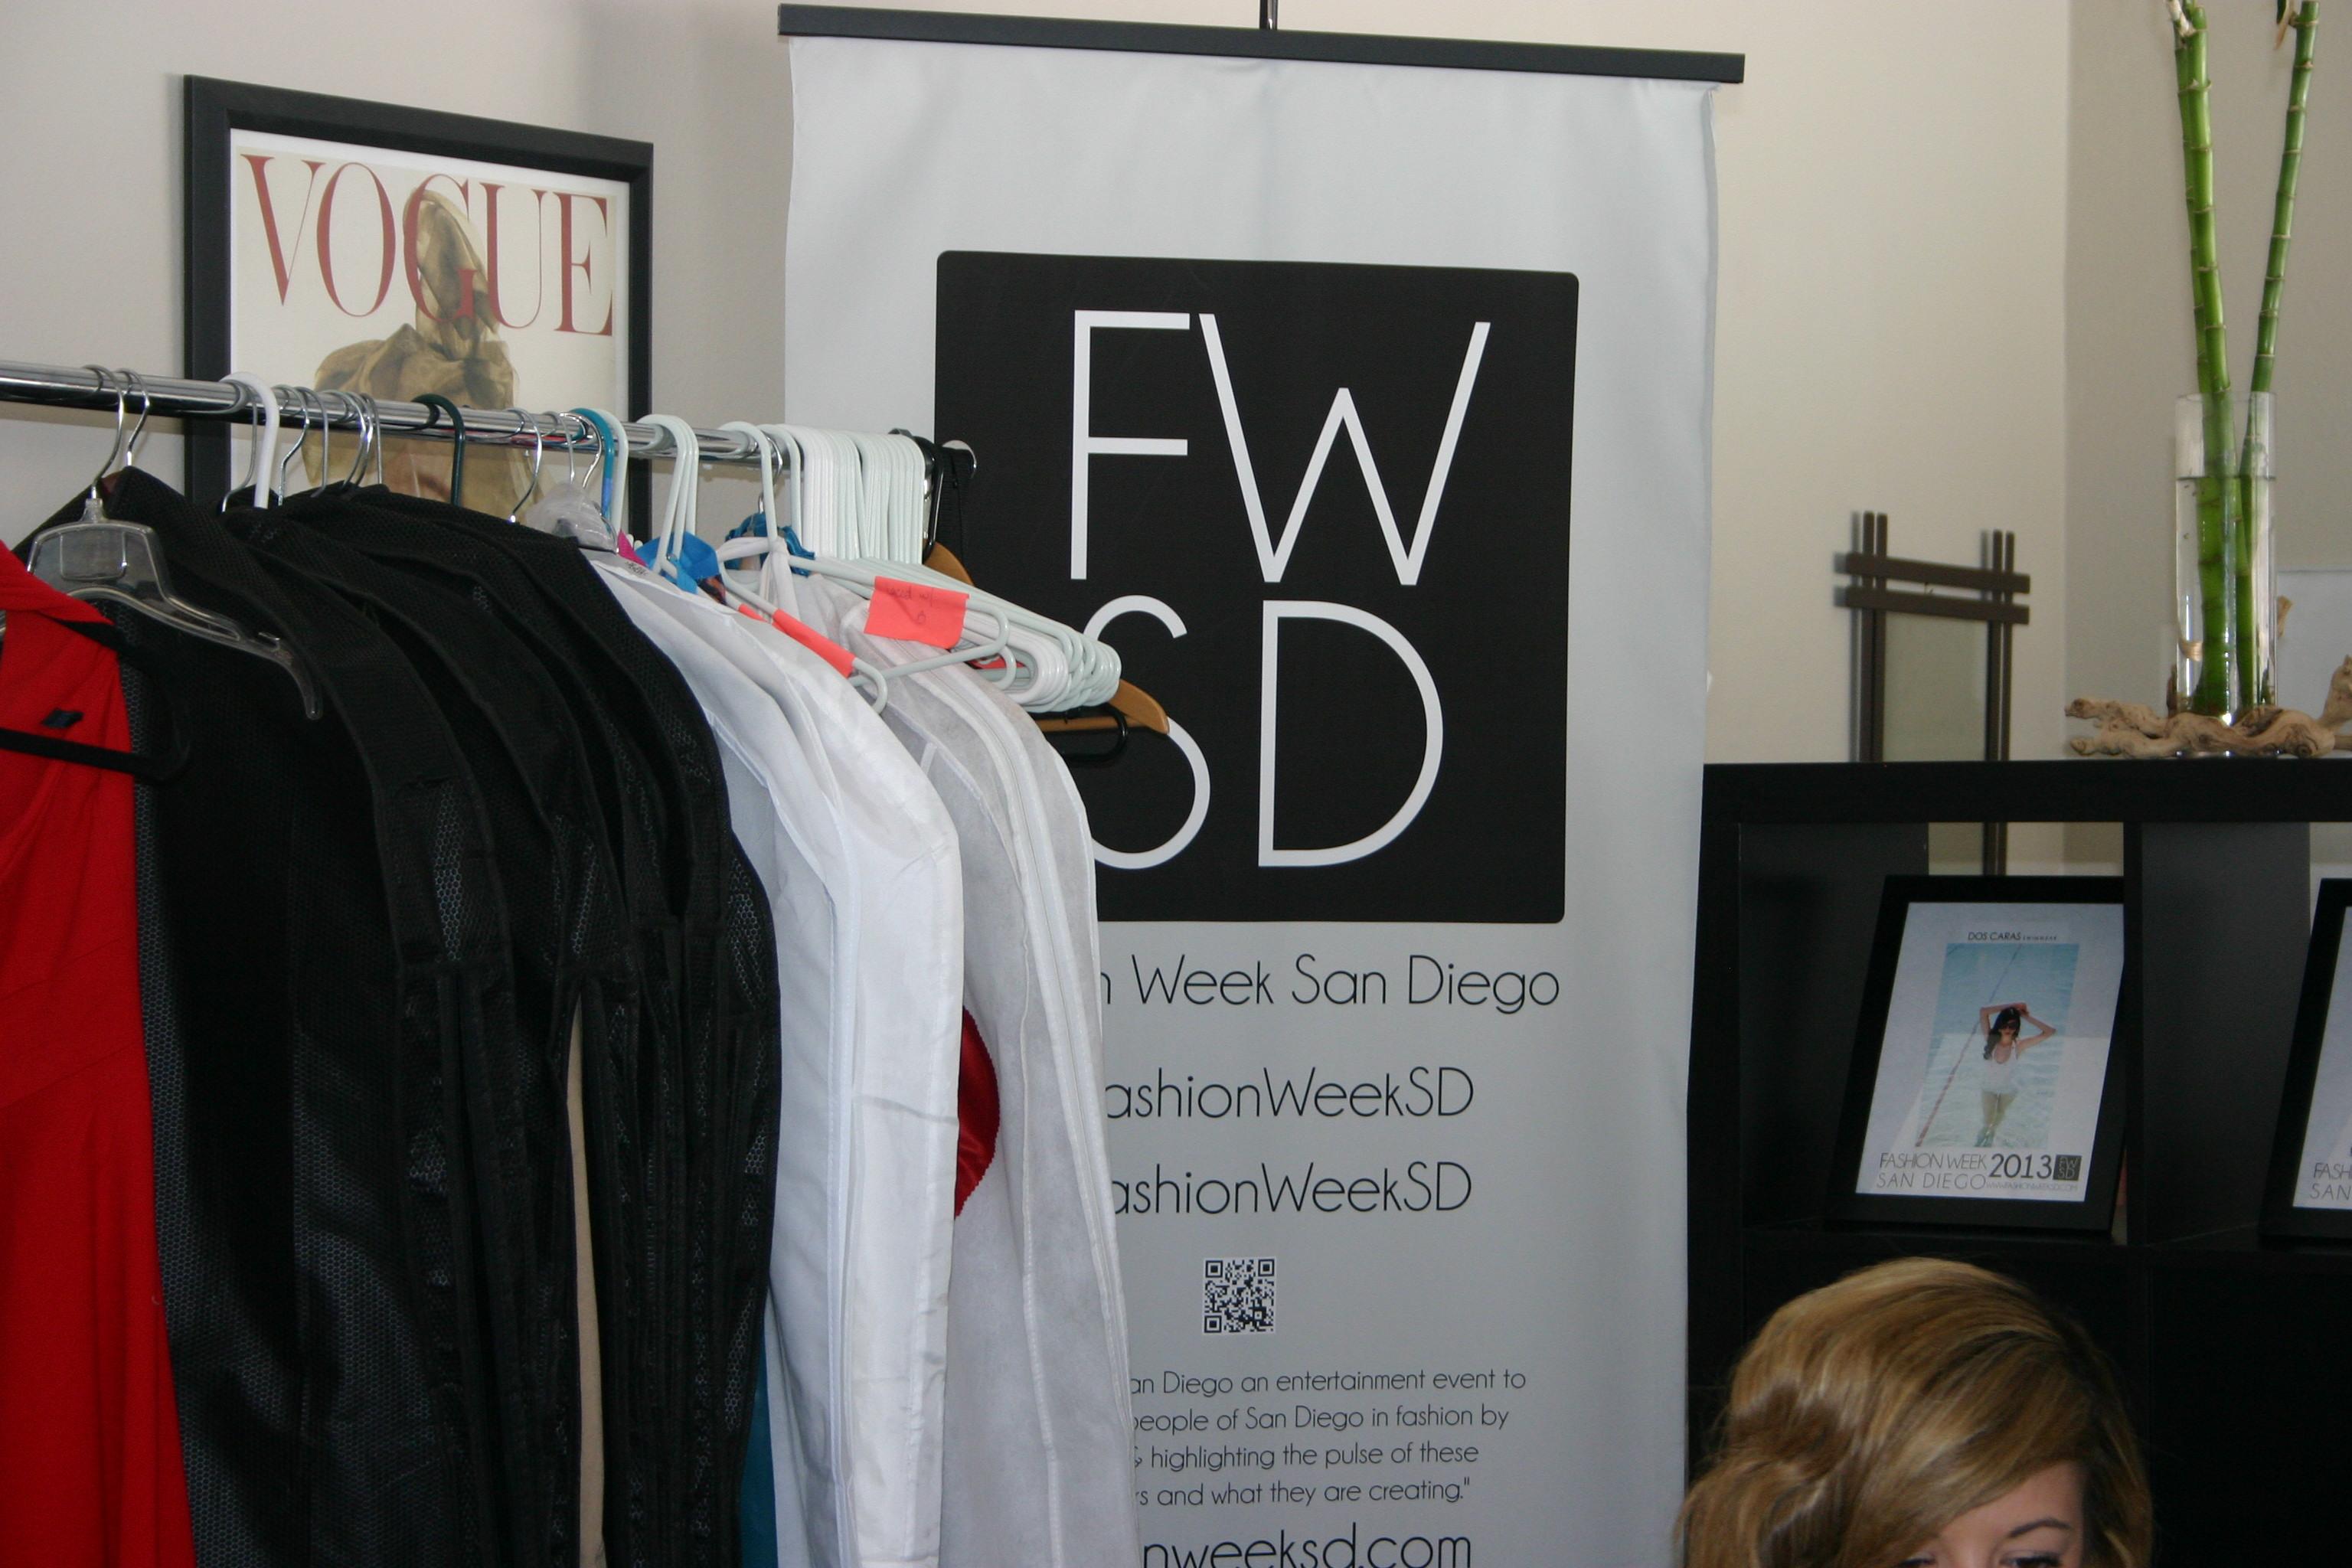 San Diego Fashion Week Promo Code